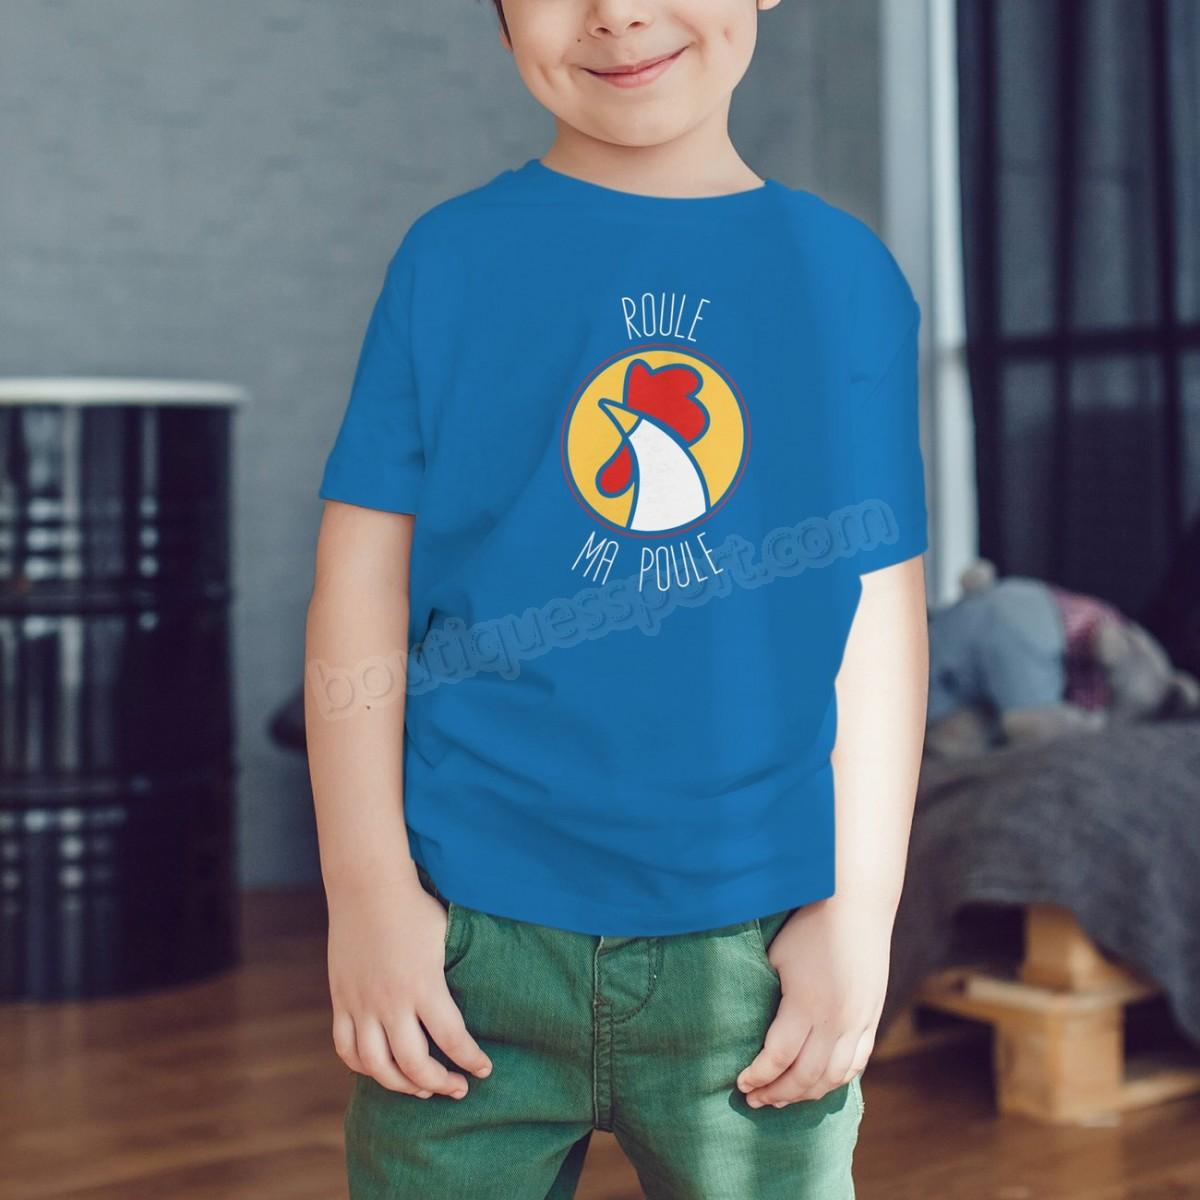 Tennis garçon SPORT IS GOOD T-shirt garçon Roule ma poule Soldes - -5